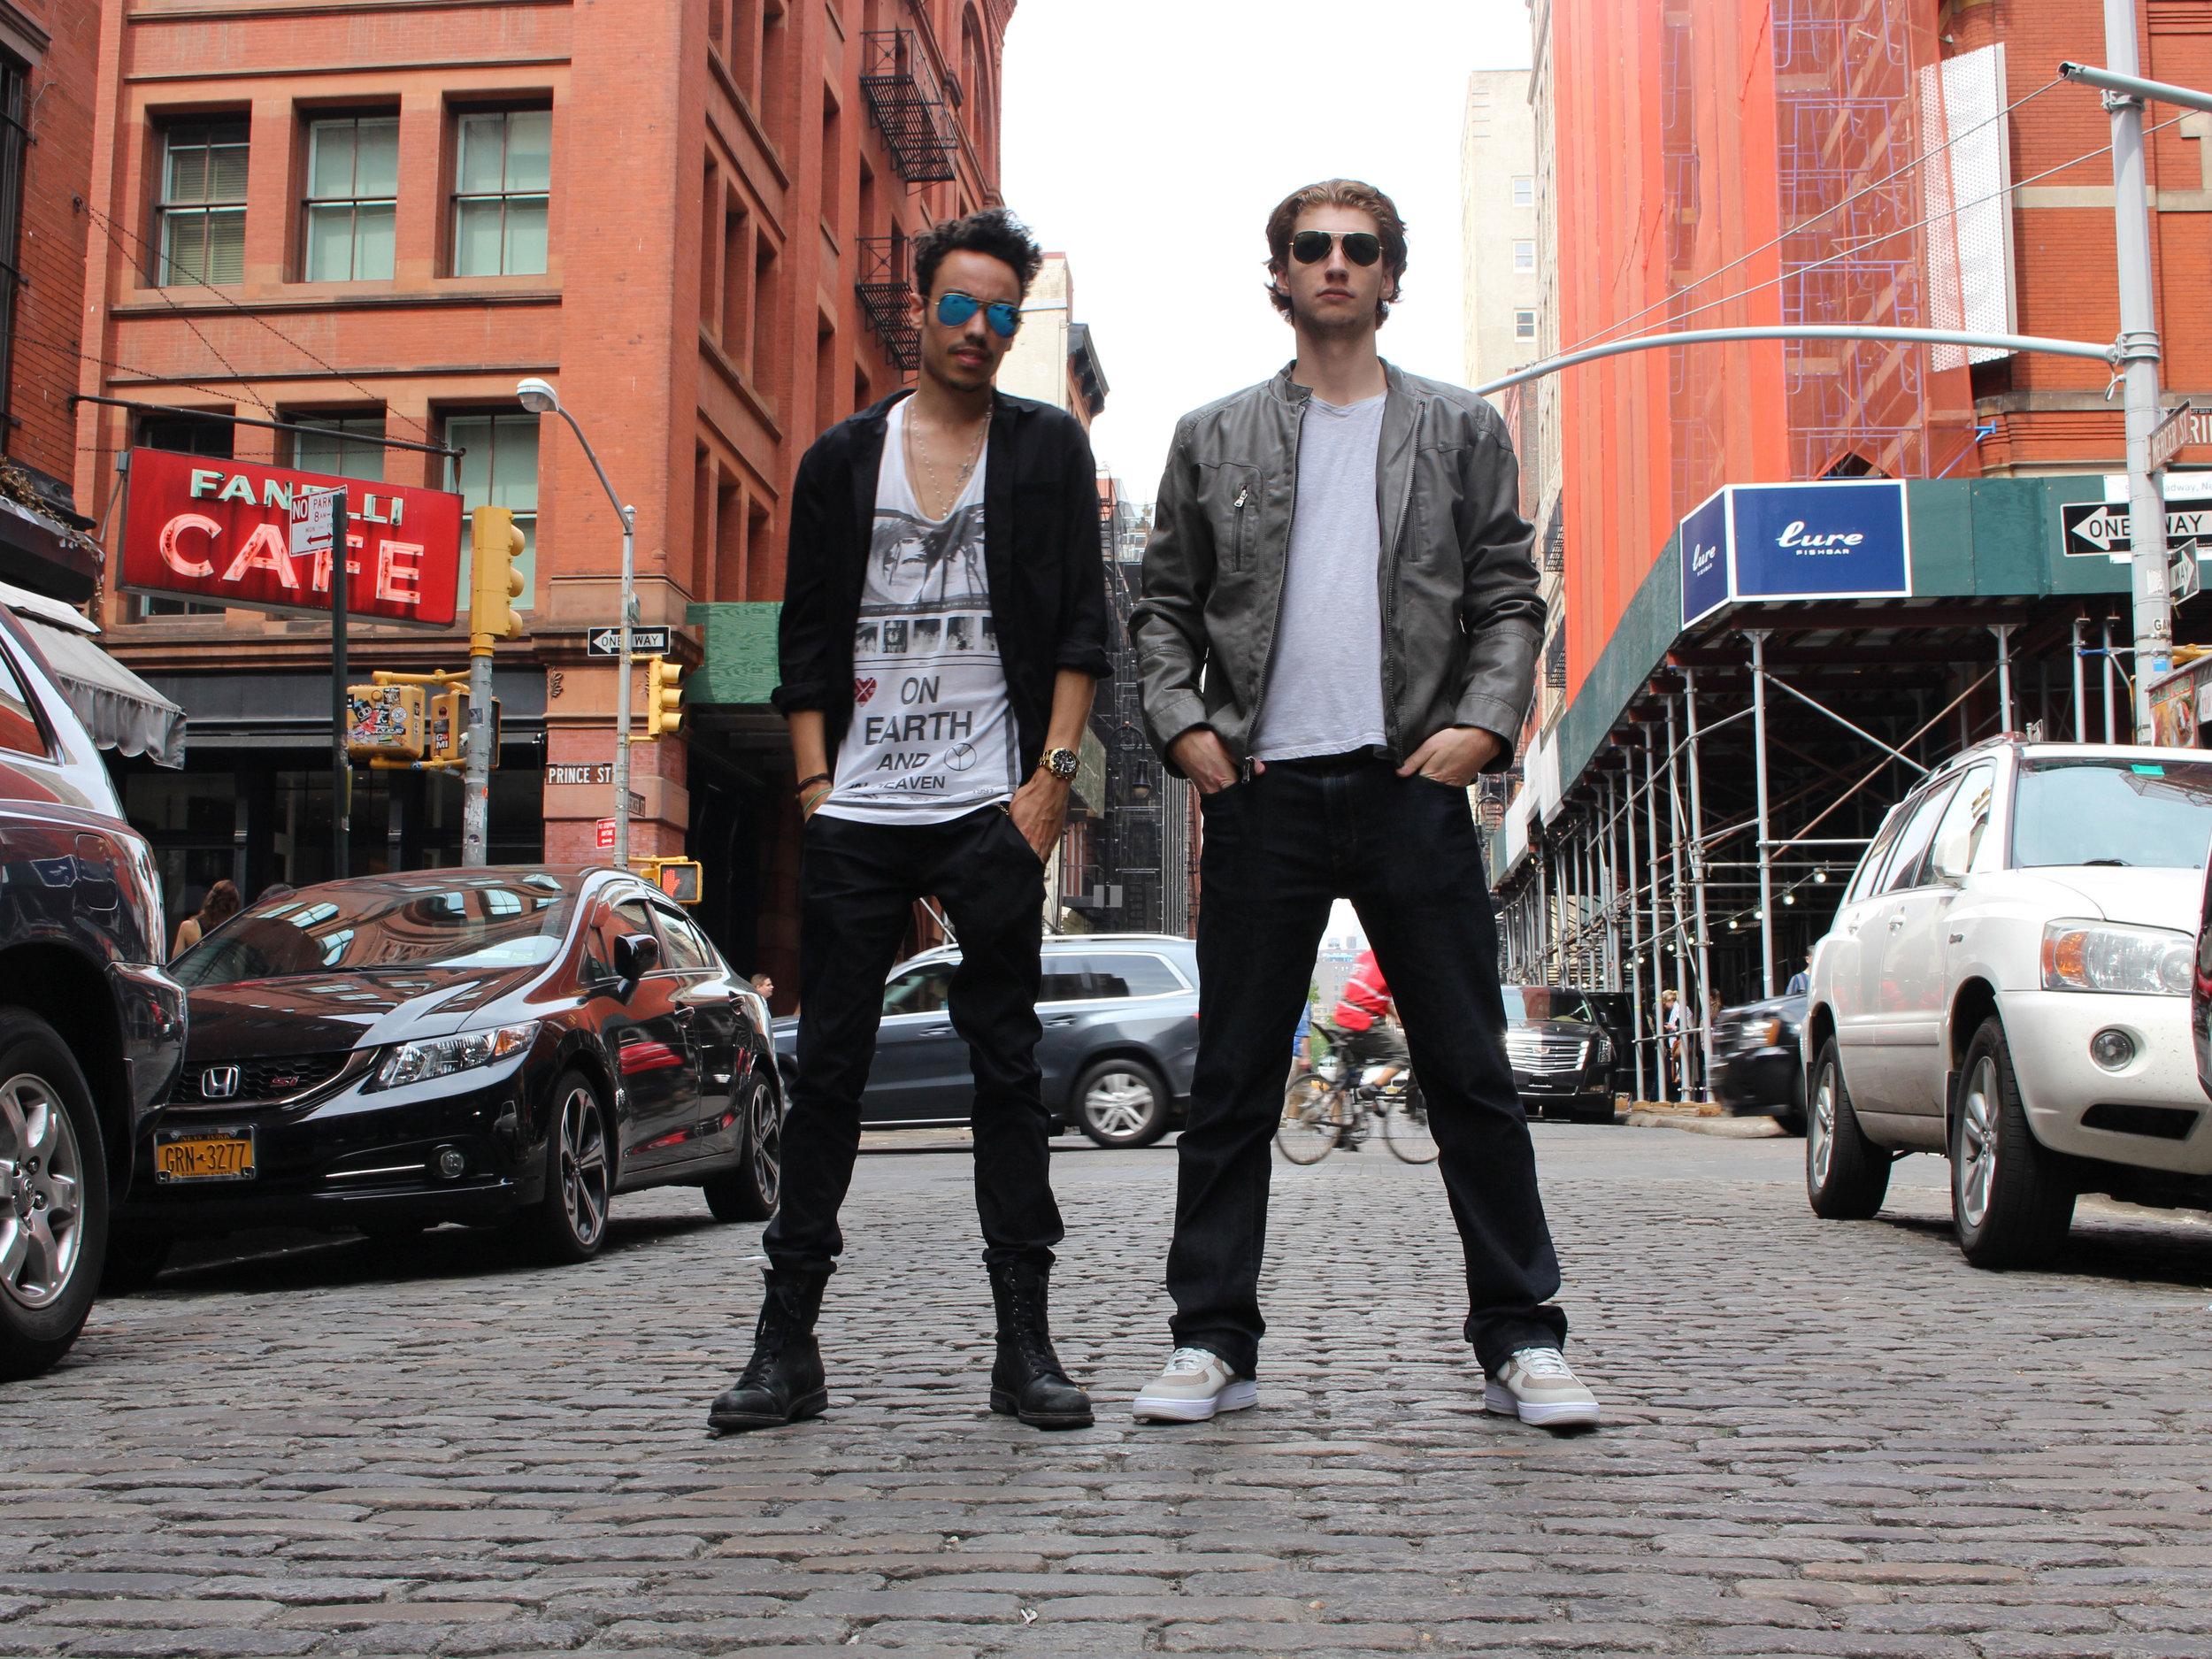 TAYLOR NUNU & DENSZA OF UP&UP IN SOHO, NEW YORK CITY